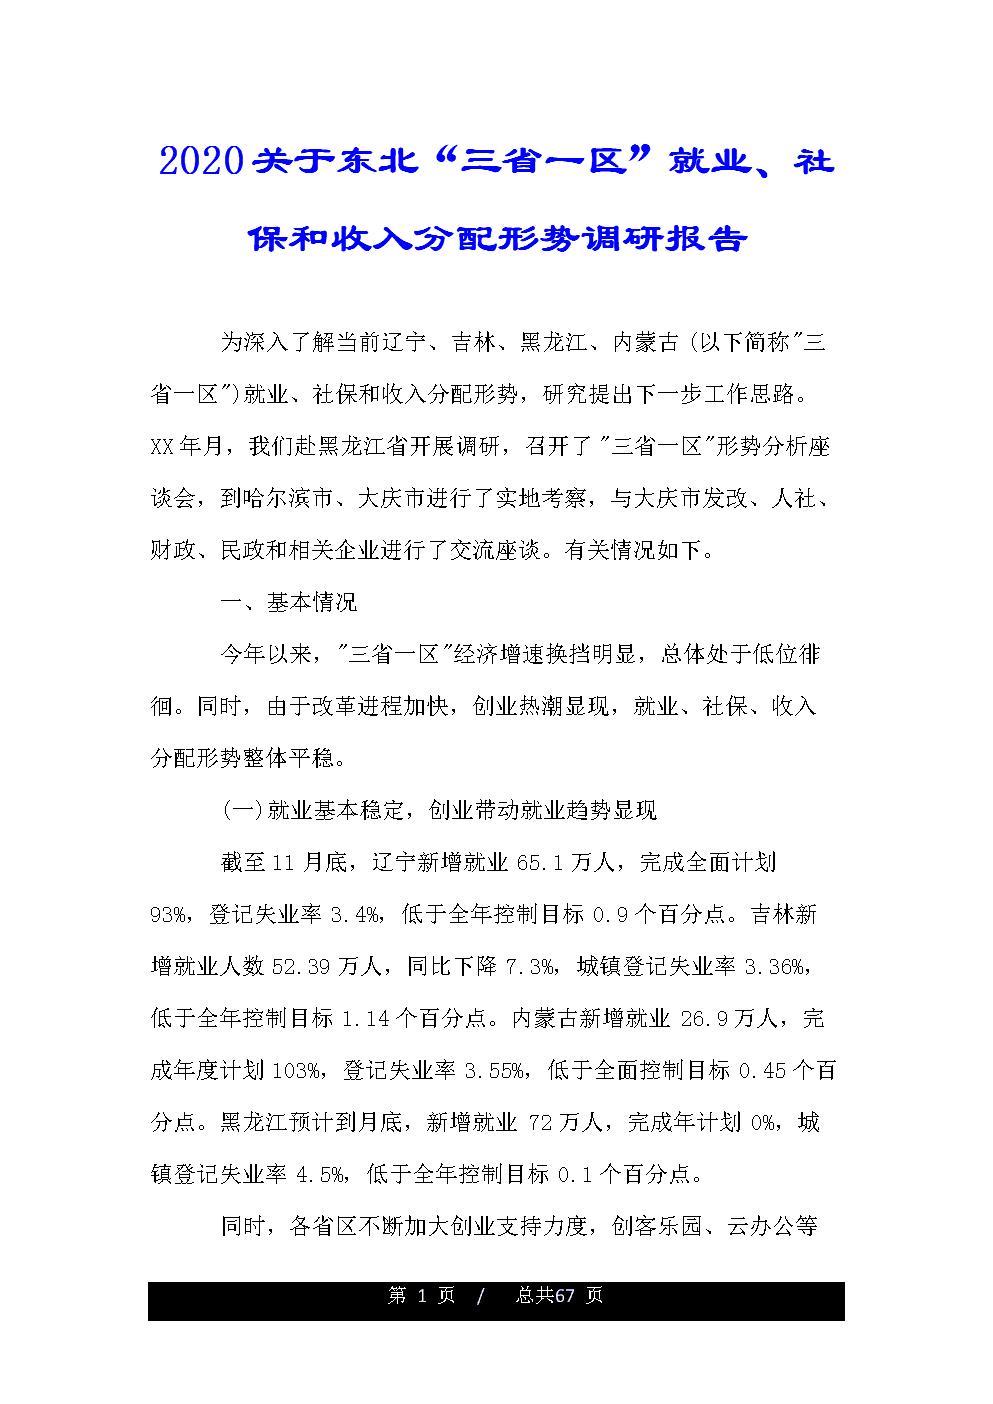 新--2020有关于东北三省一区就业、社保和收入分配形势调研报告.doc